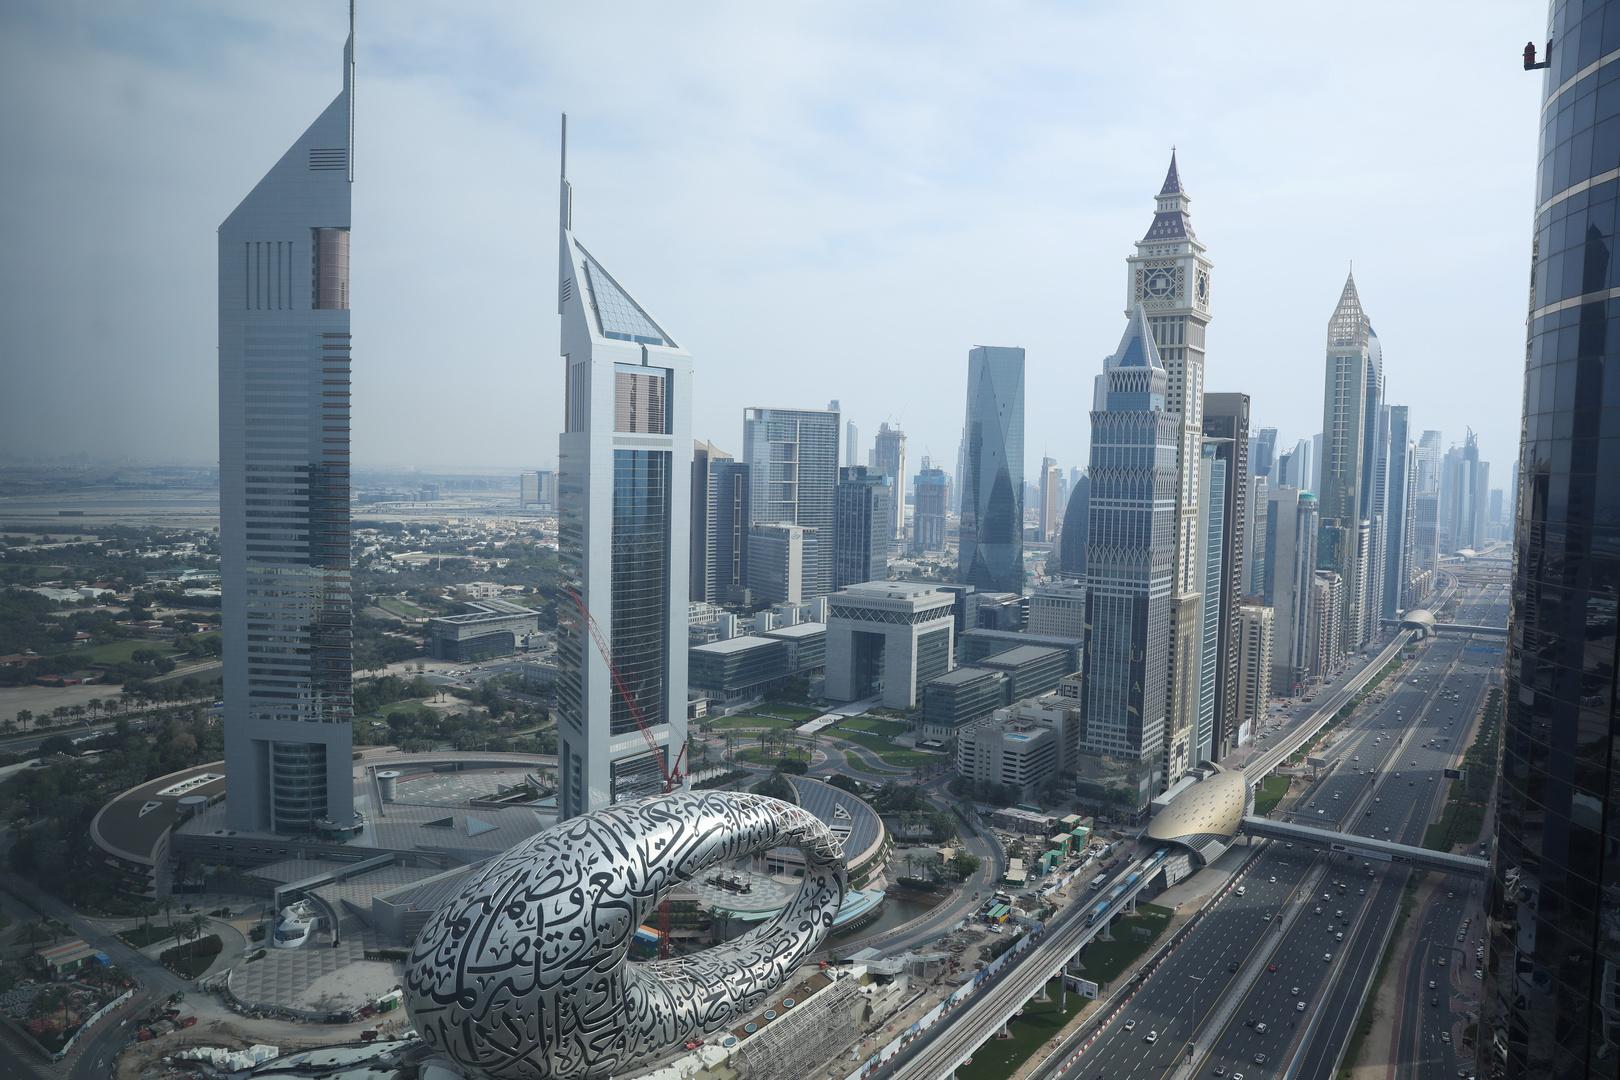 الإمارات تبرم صفقة بملياري دولار لشراء أنظمة مراقبة جوية